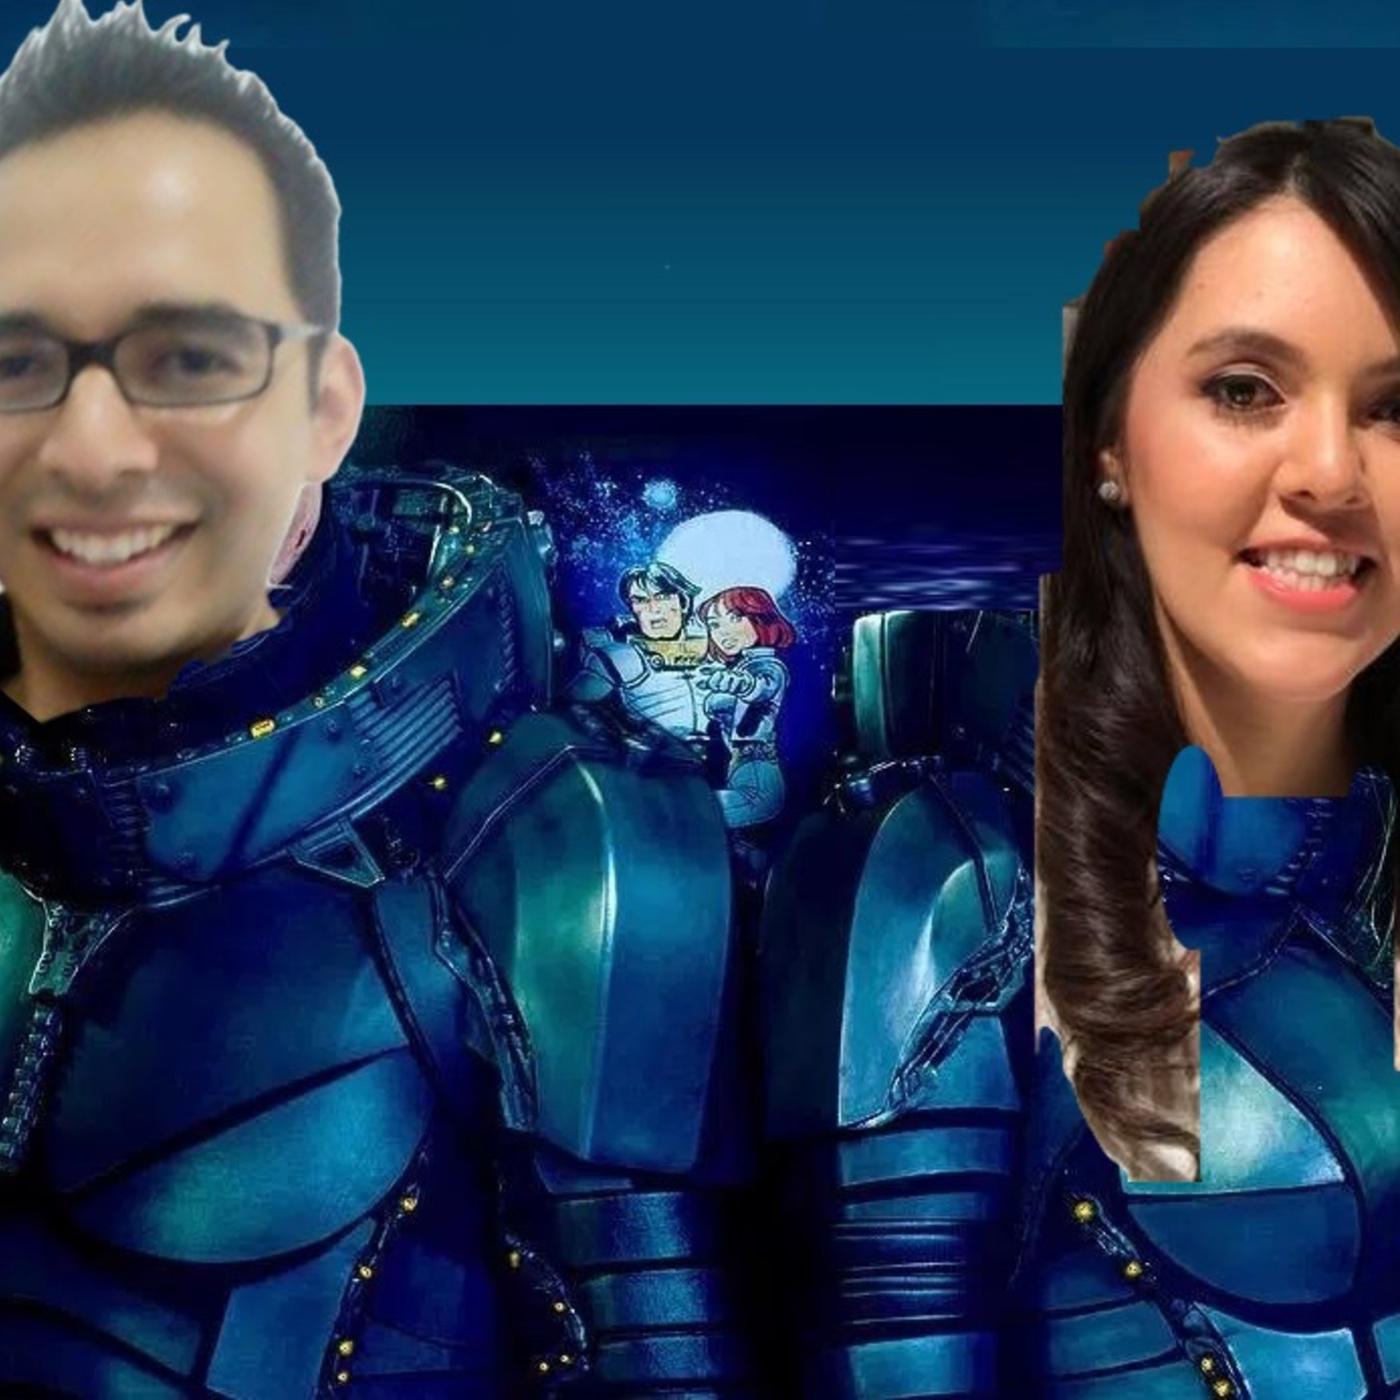 Ciencia ficción desde la mirada bionica del Alto Rendimiento